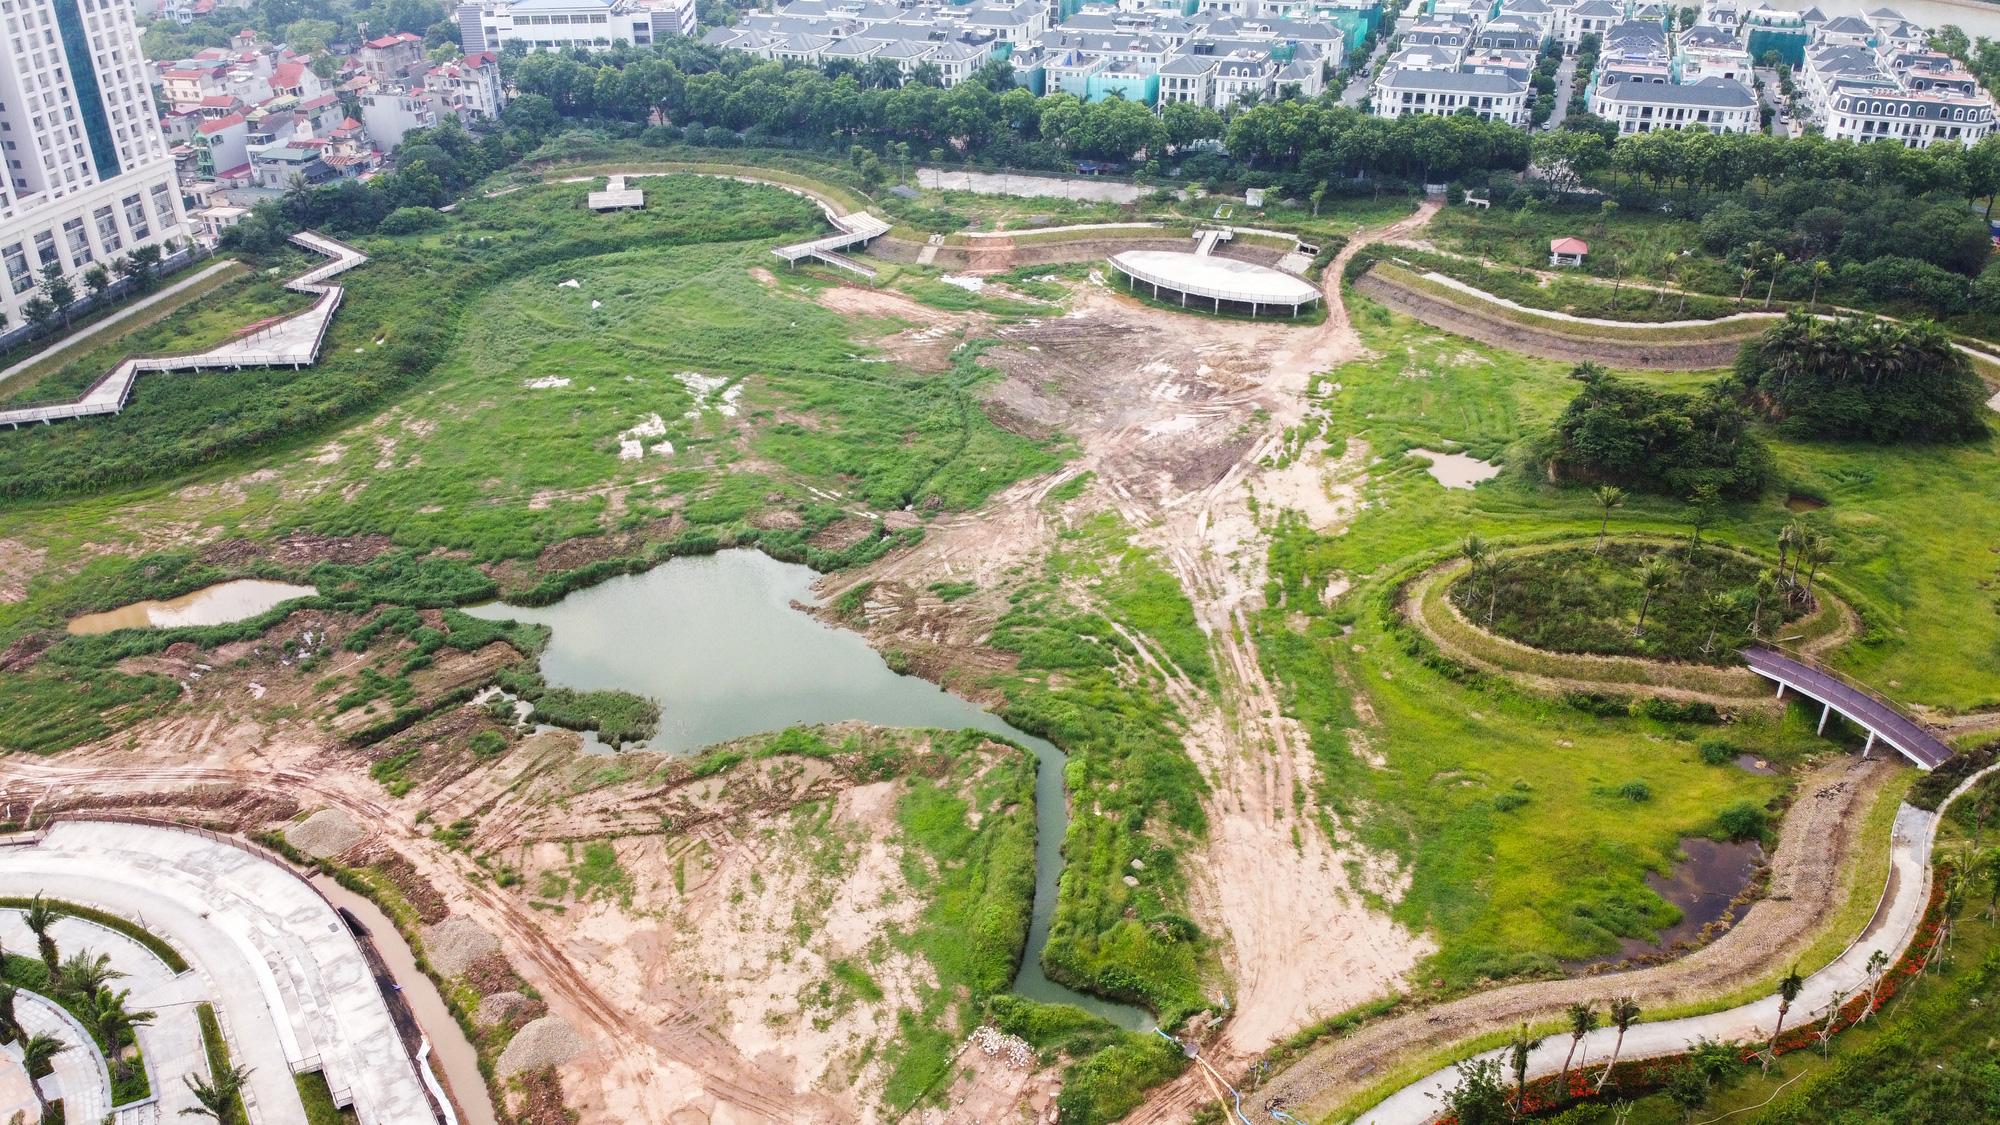 Công viên điều hòa Phùng Khoang nằm im sau 4 năm động thổ - Ảnh 6.